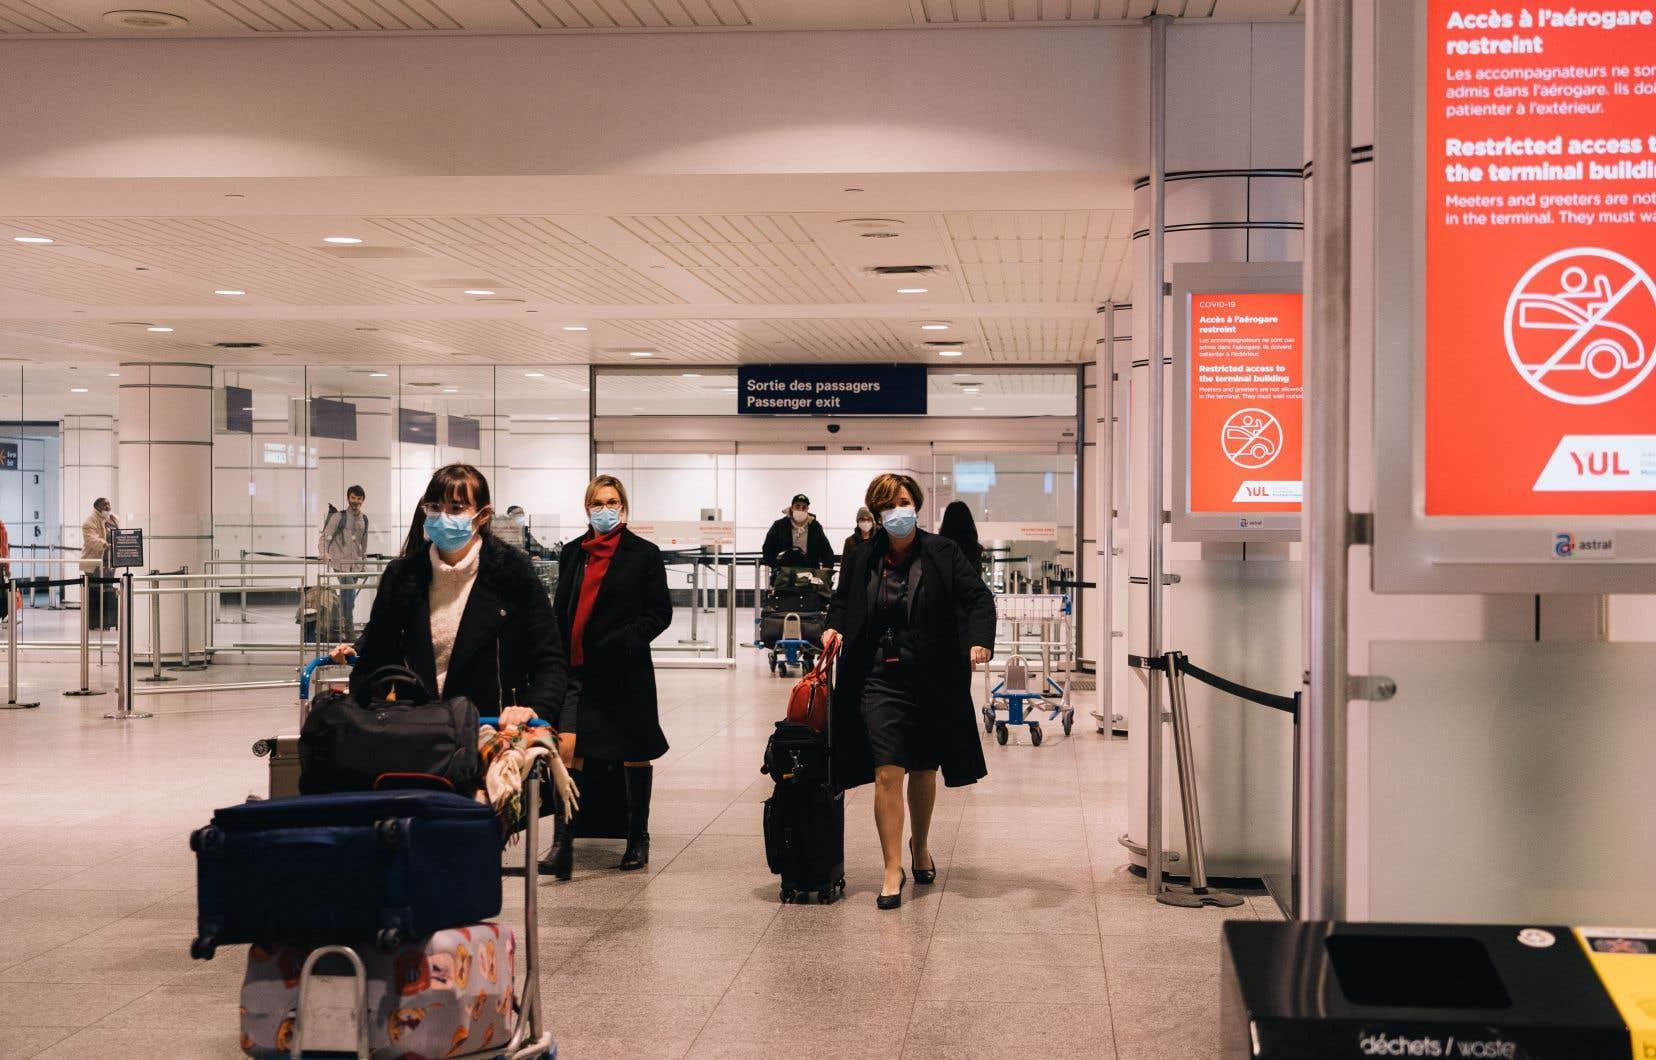 Même les passagers qui ont une preuve de résultat négatif devront respecter une quarantaine de 14 jours à leur arrivée au pays.